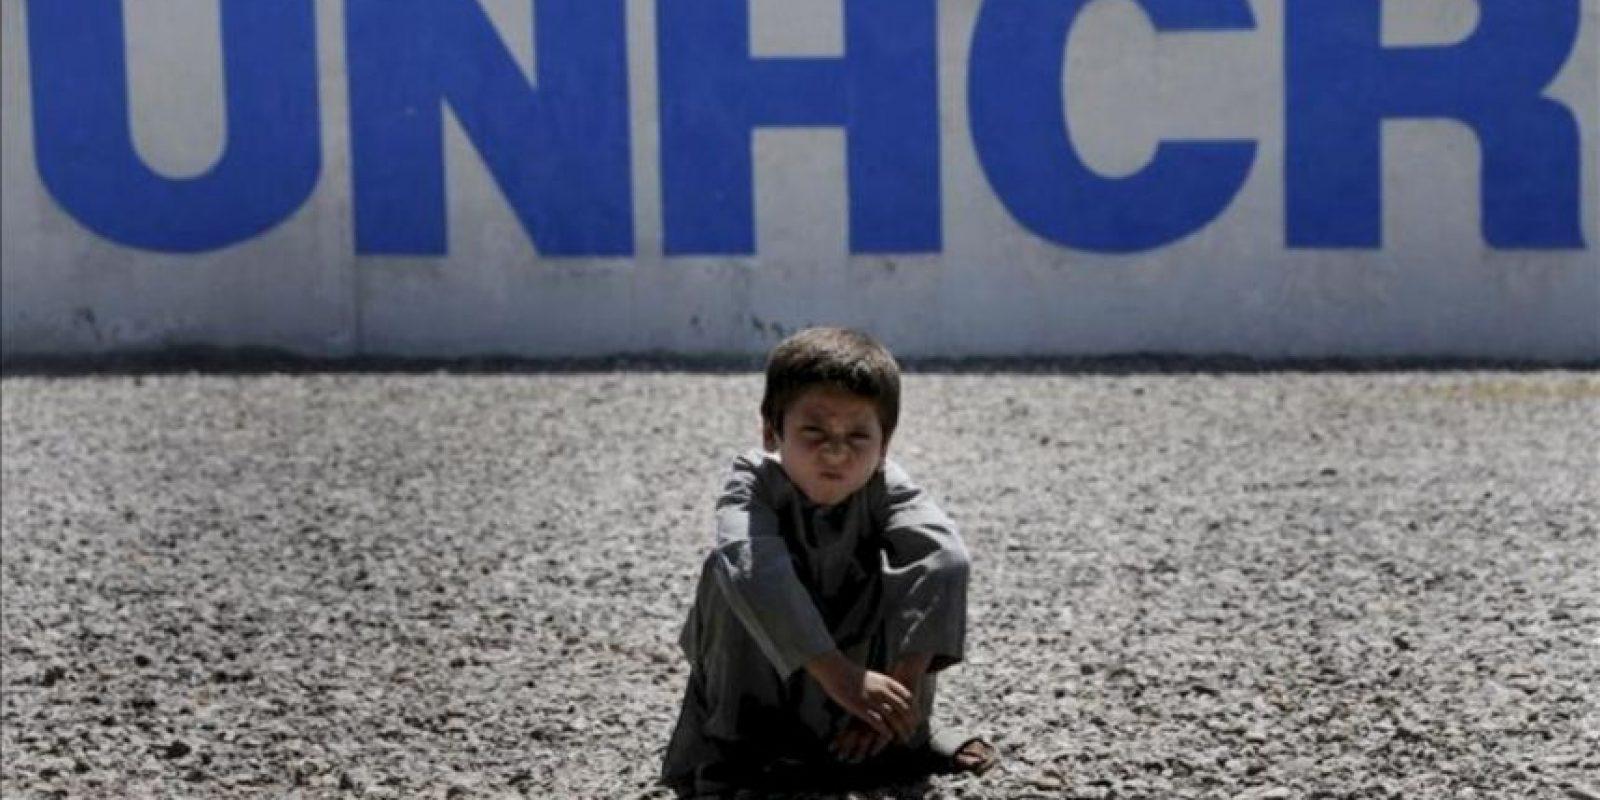 Un niño refugiado afgano es fotografiado en una Oficina del Alto Comisionado de la ONU para los Refugiados (ACNUR), mientras espera para viajar hacia su país con su familia en Chamkani, en las afueras de Peshawar, Pakistán. EFE